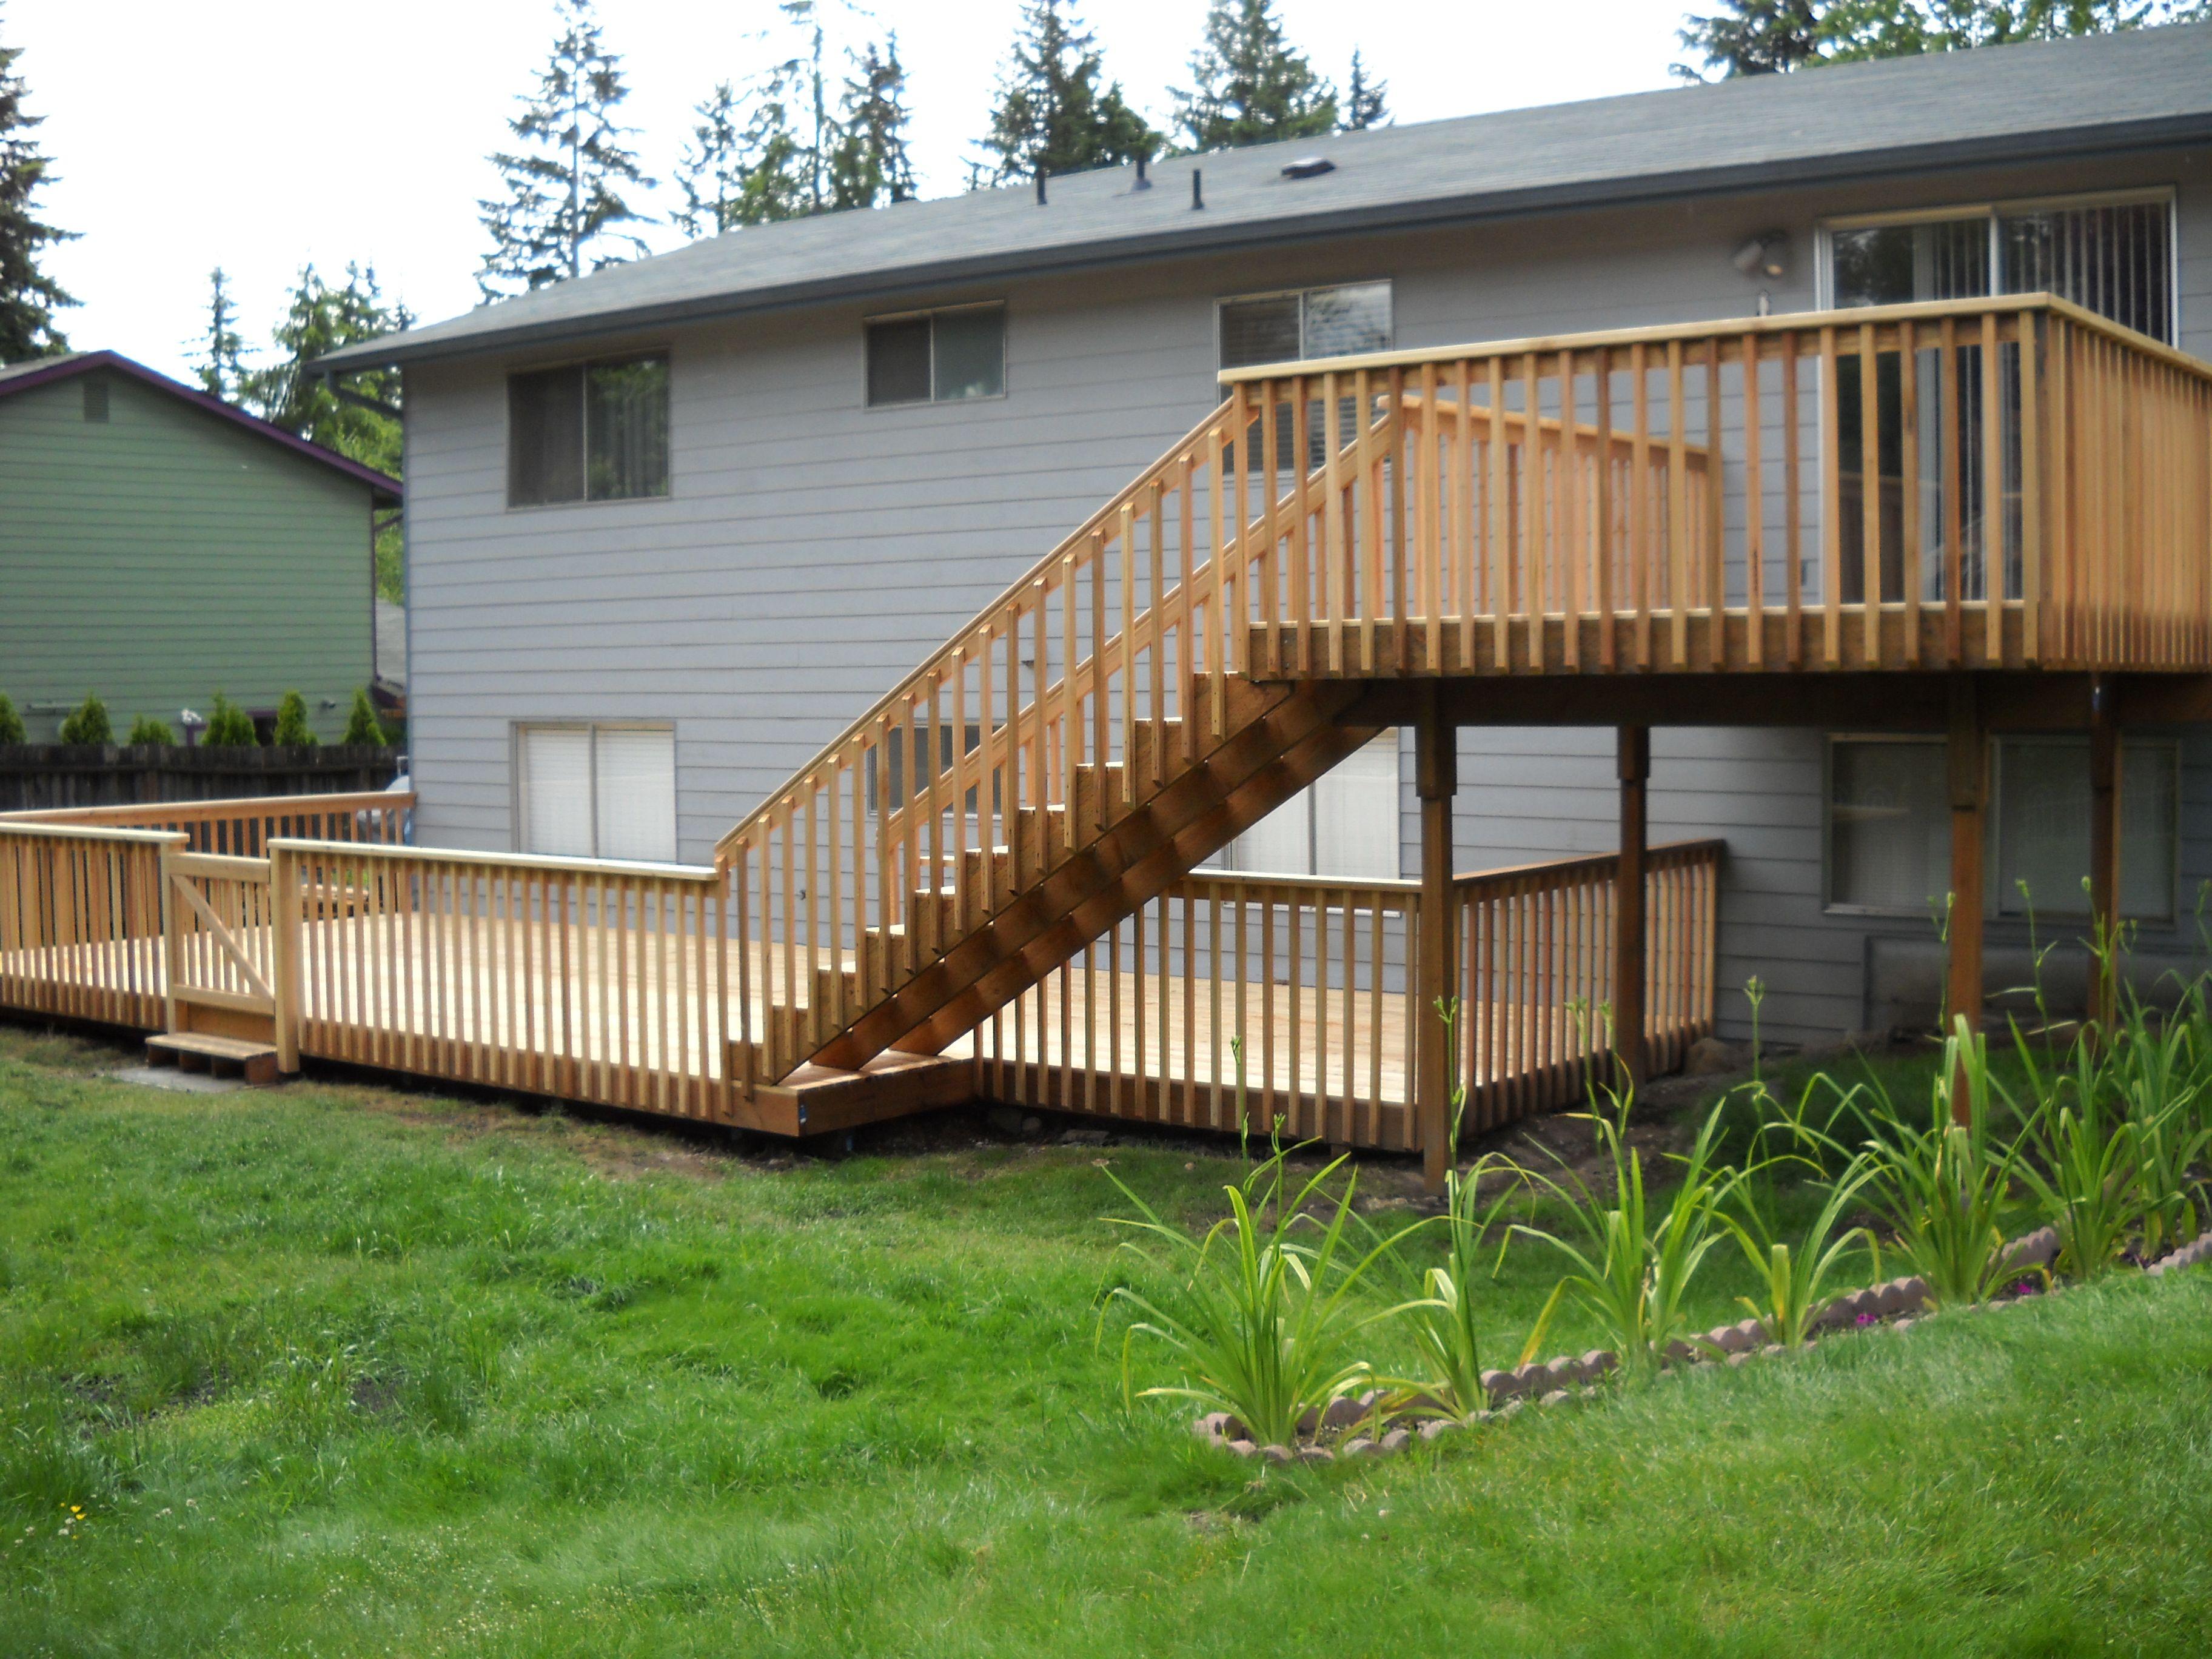 19 Decorative 2 Level Deck Ideas Home Building Plans 35441